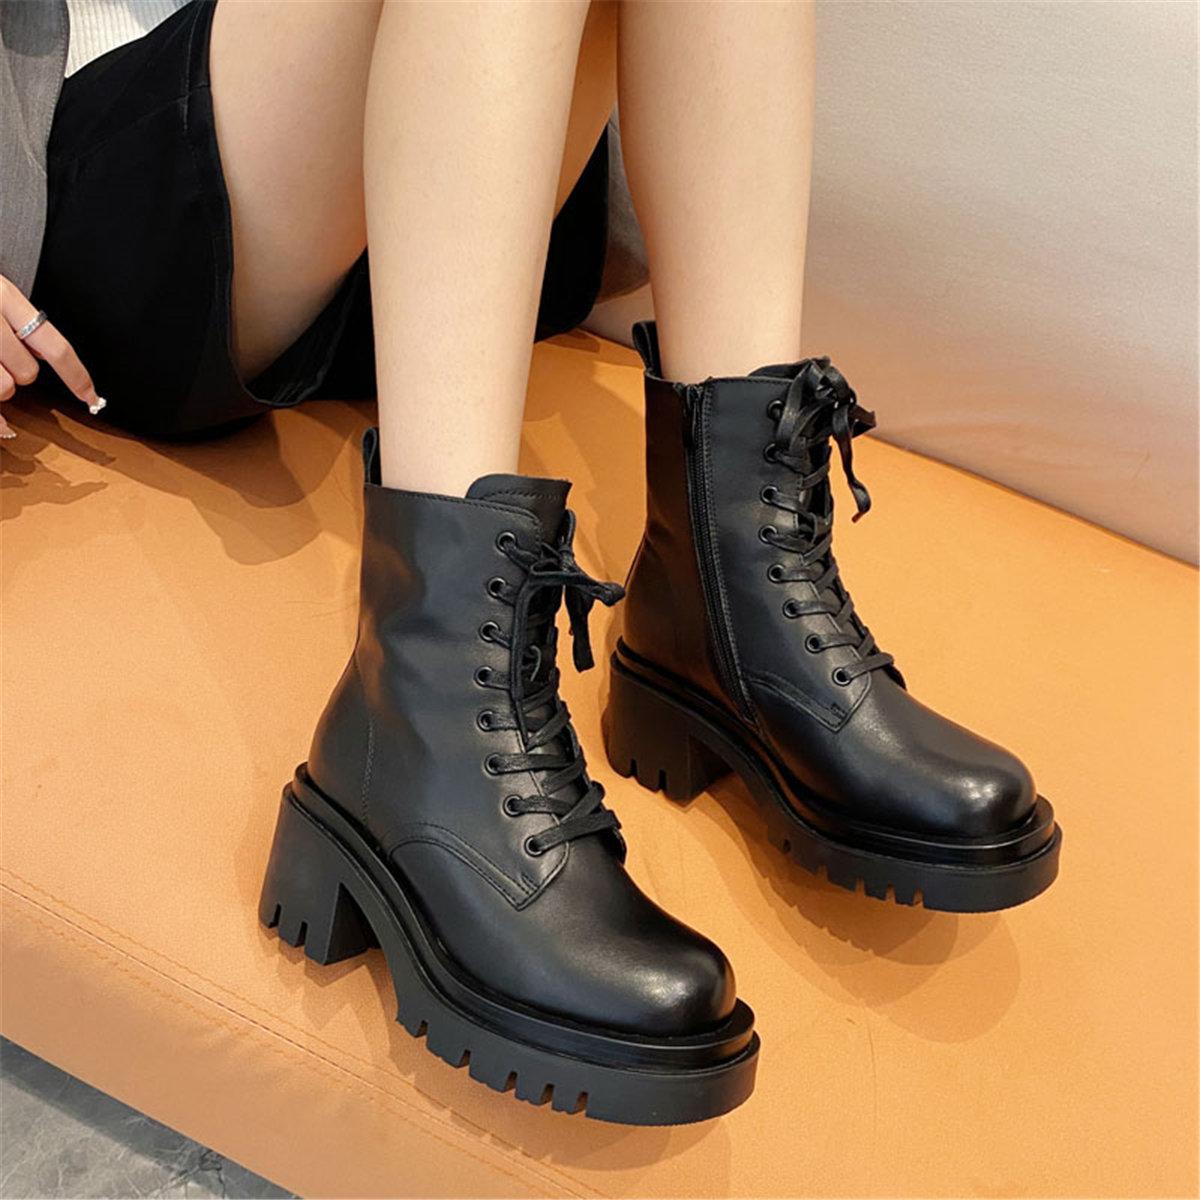 「鞋阅」真皮厚底粗跟短靴增高头层牛皮女单靴时尚百搭系带马丁靴